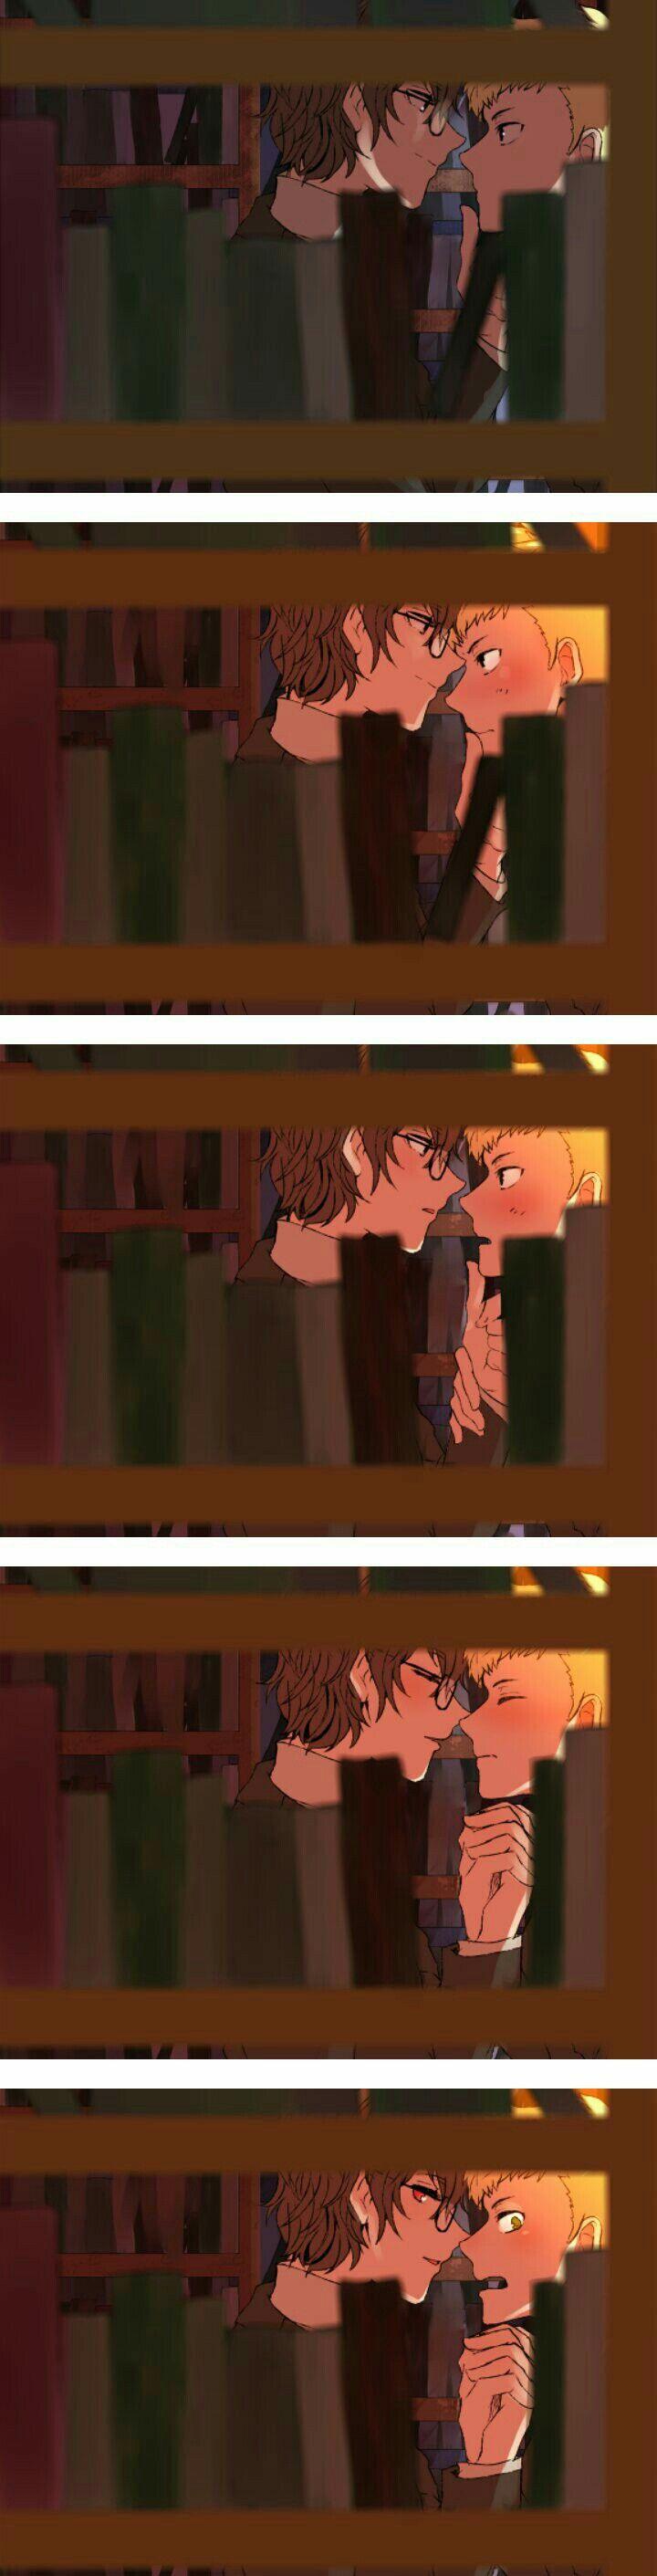 Persona 5 || Akira Kurusu, Ryuji Sakamoto